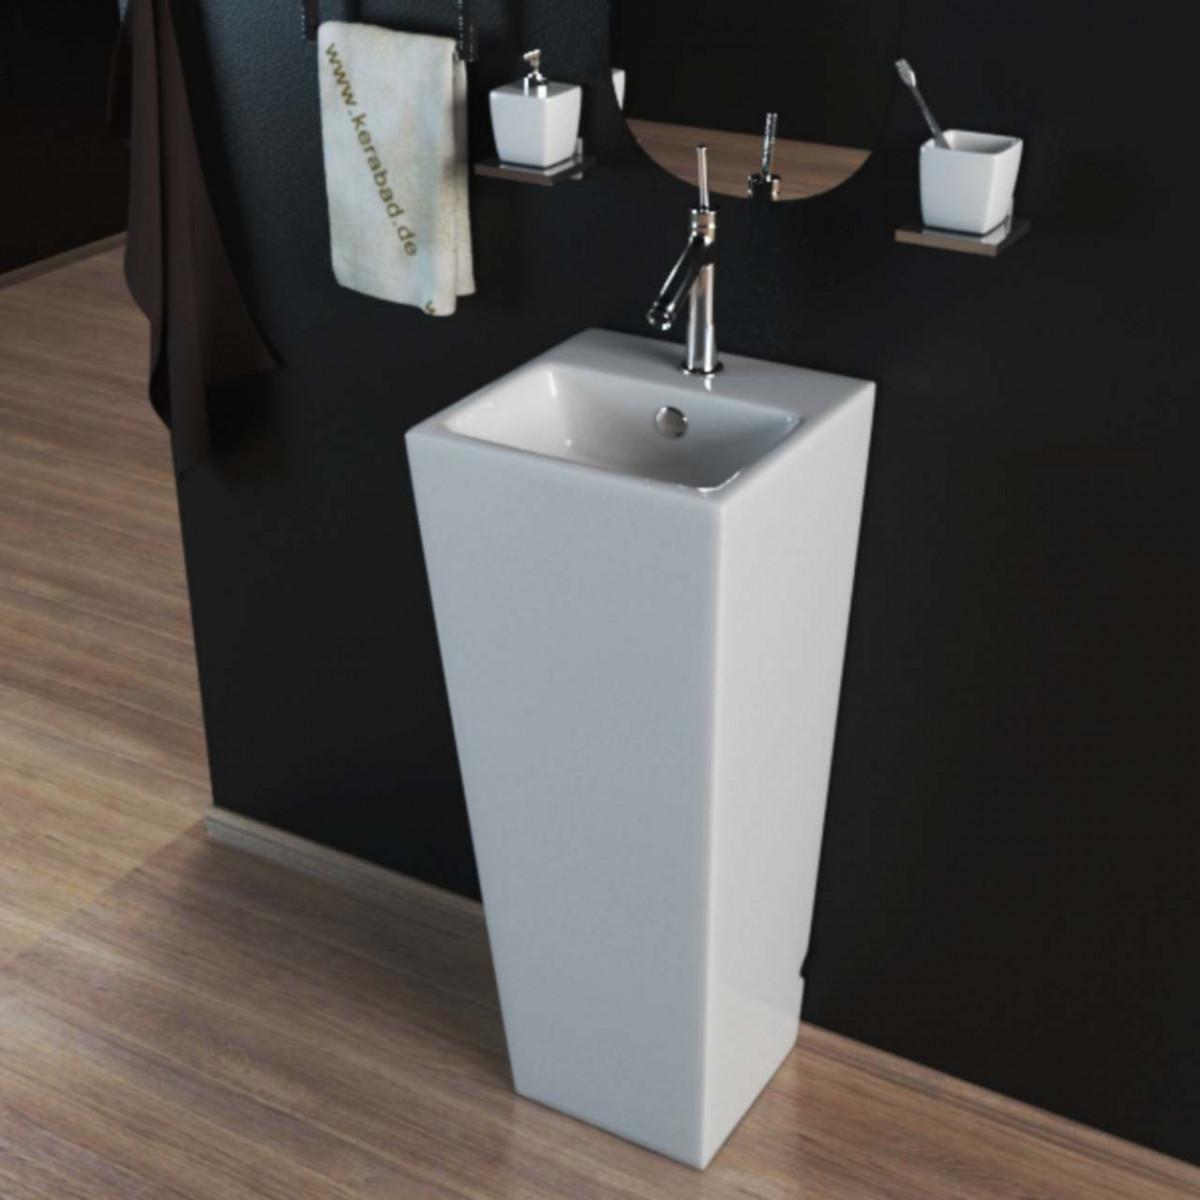 standwaschbecken kbe503 249 90. Black Bedroom Furniture Sets. Home Design Ideas